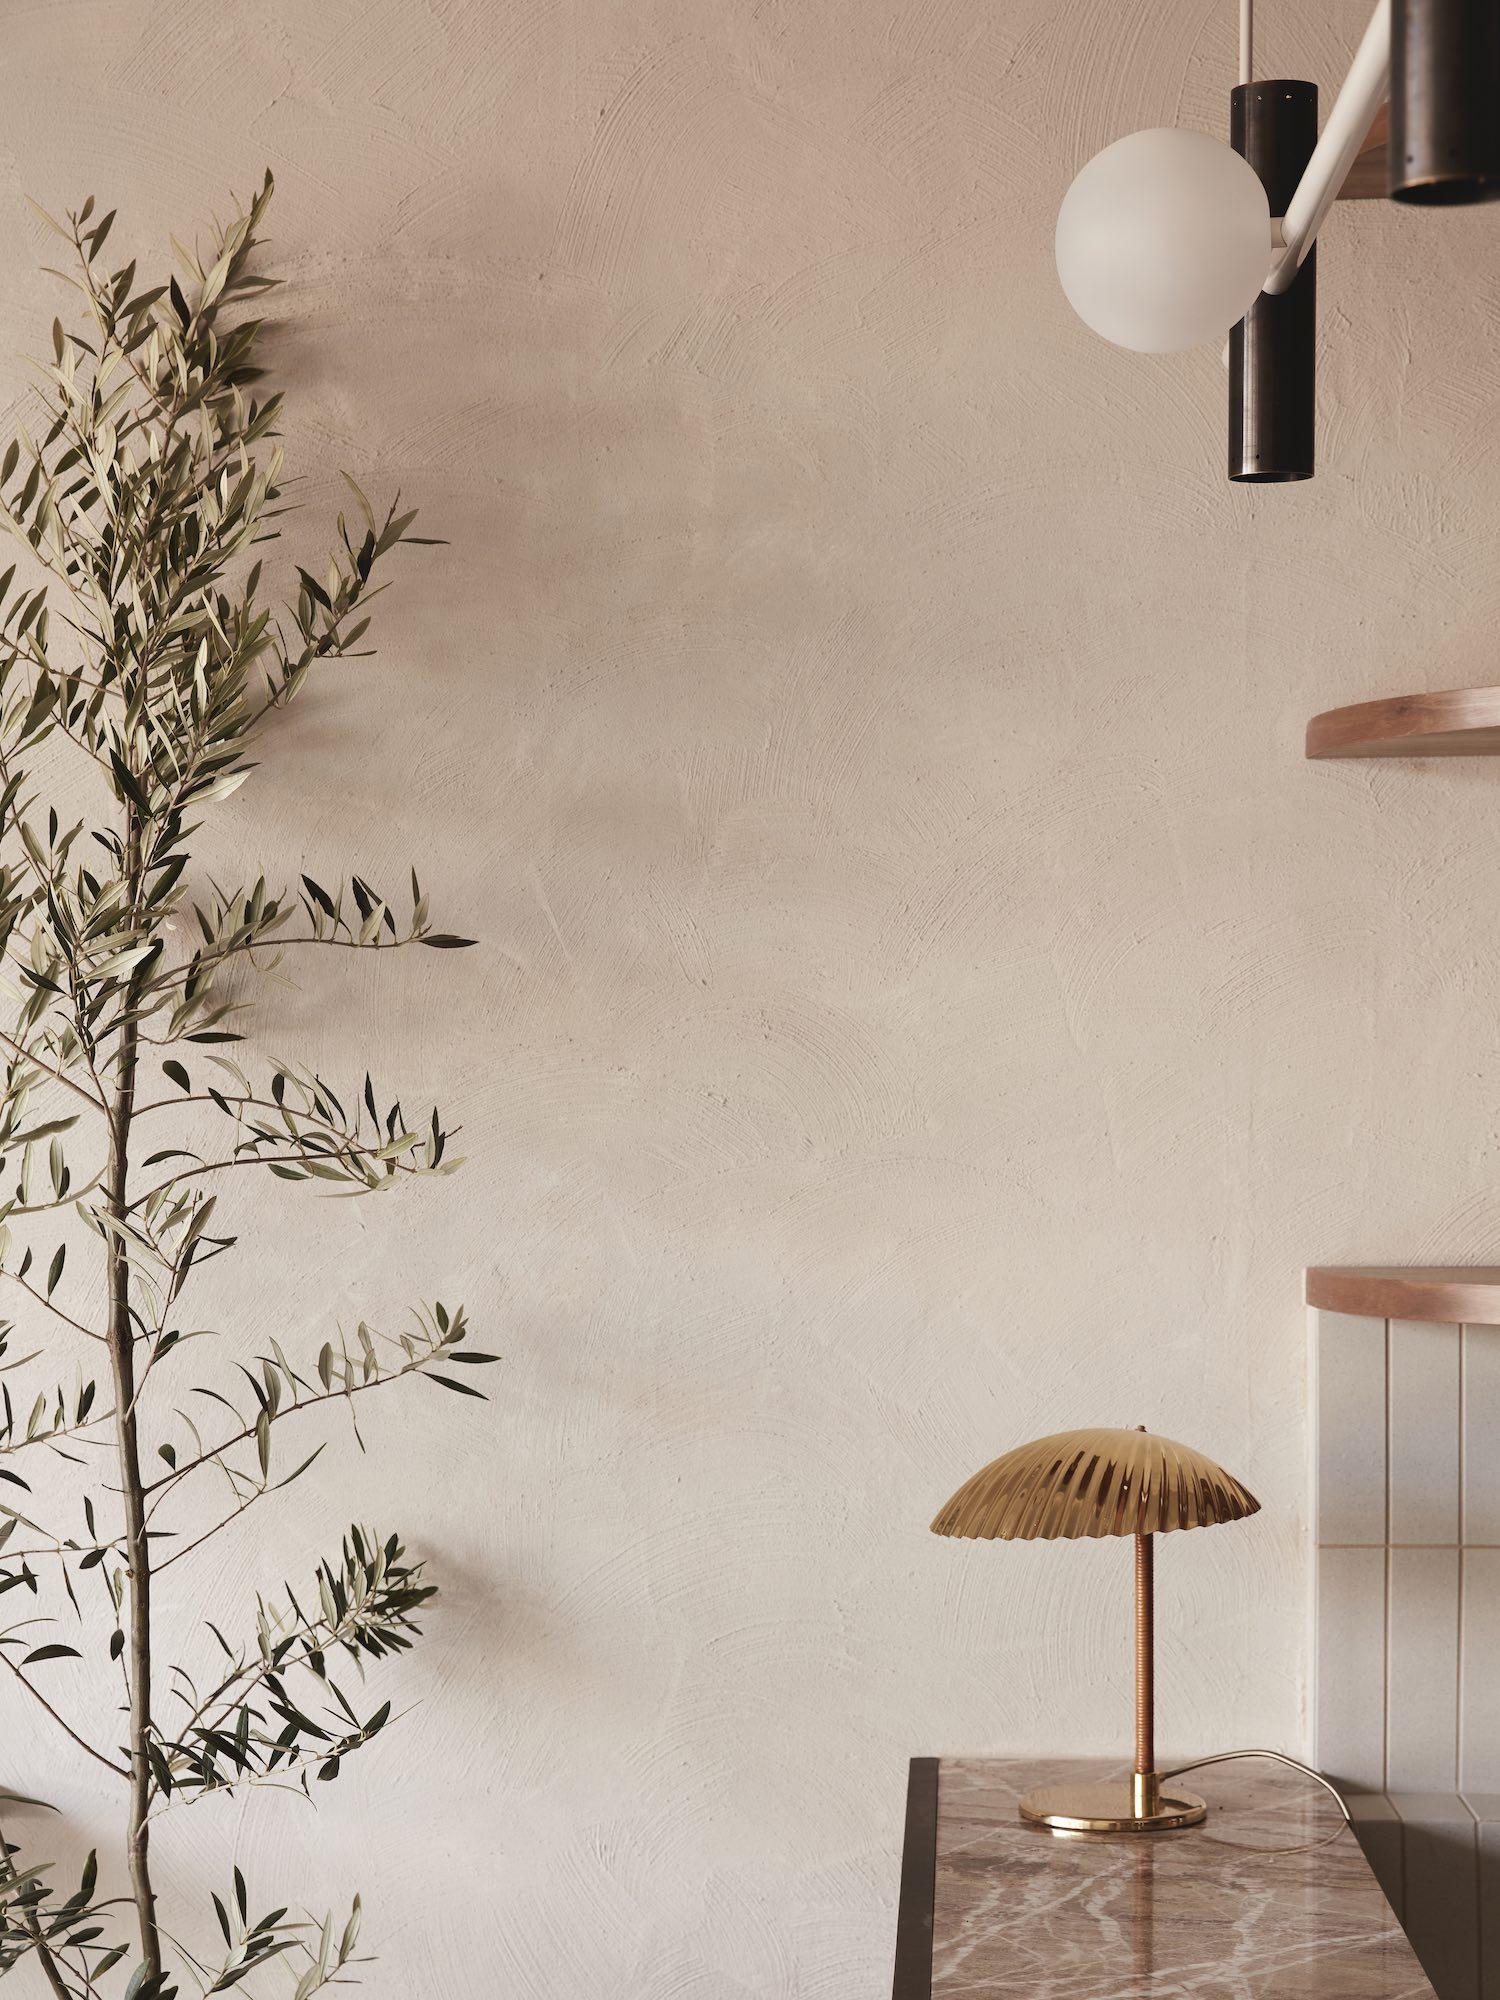 est living via porta studio esteta hospitality design 10